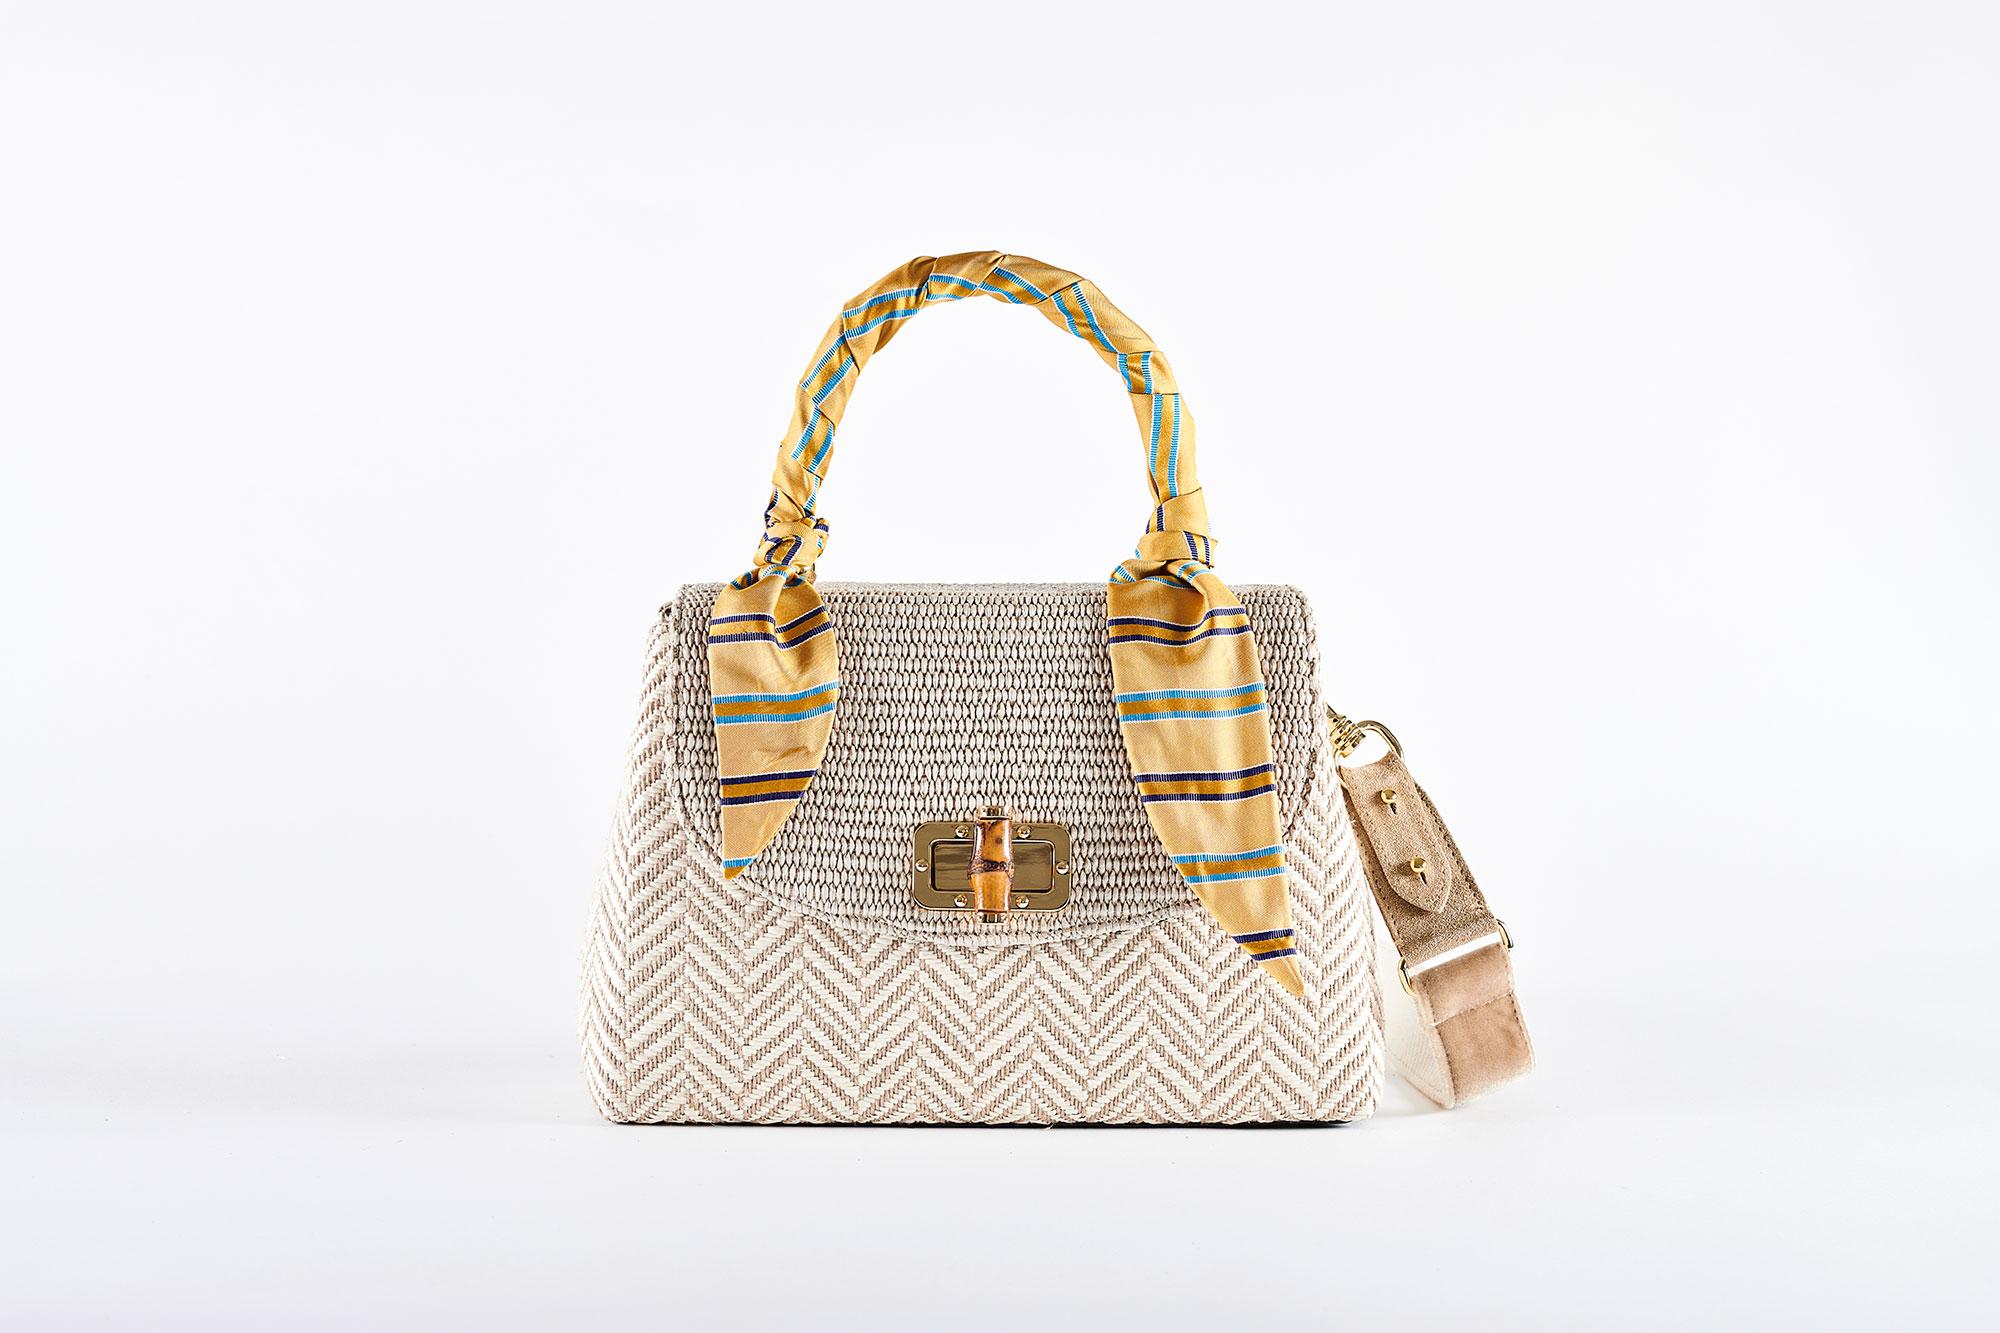 viamailbag-vogue-foulard-f02